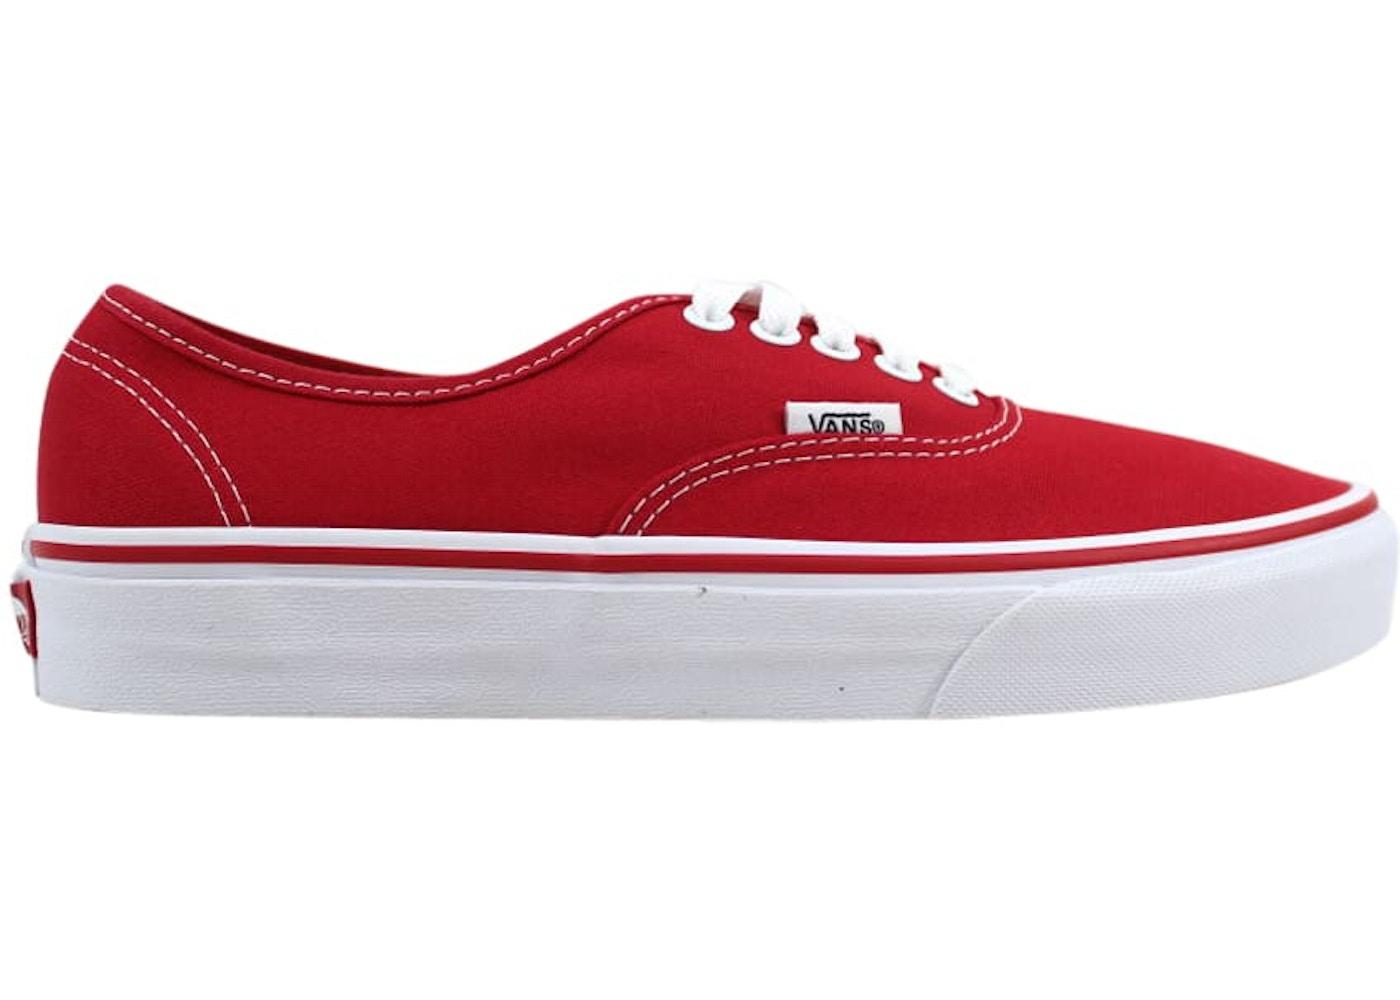 01fafea8dc2 Vans Shoes - Lowest Ask